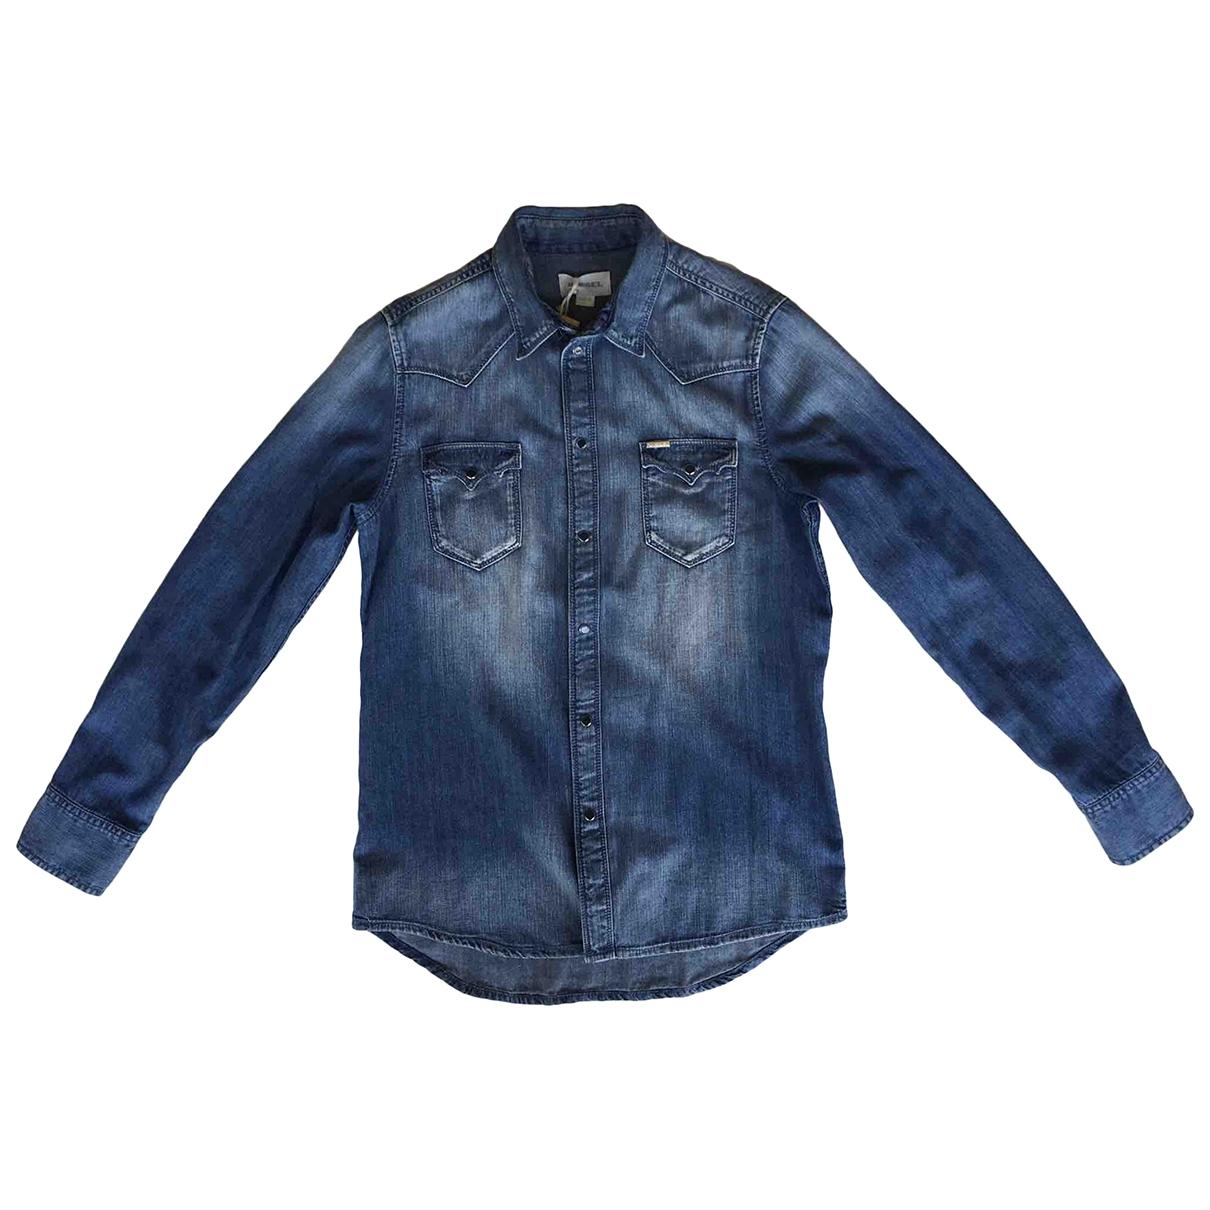 Diesel \N Oberteile in  Blau Denim - Jeans